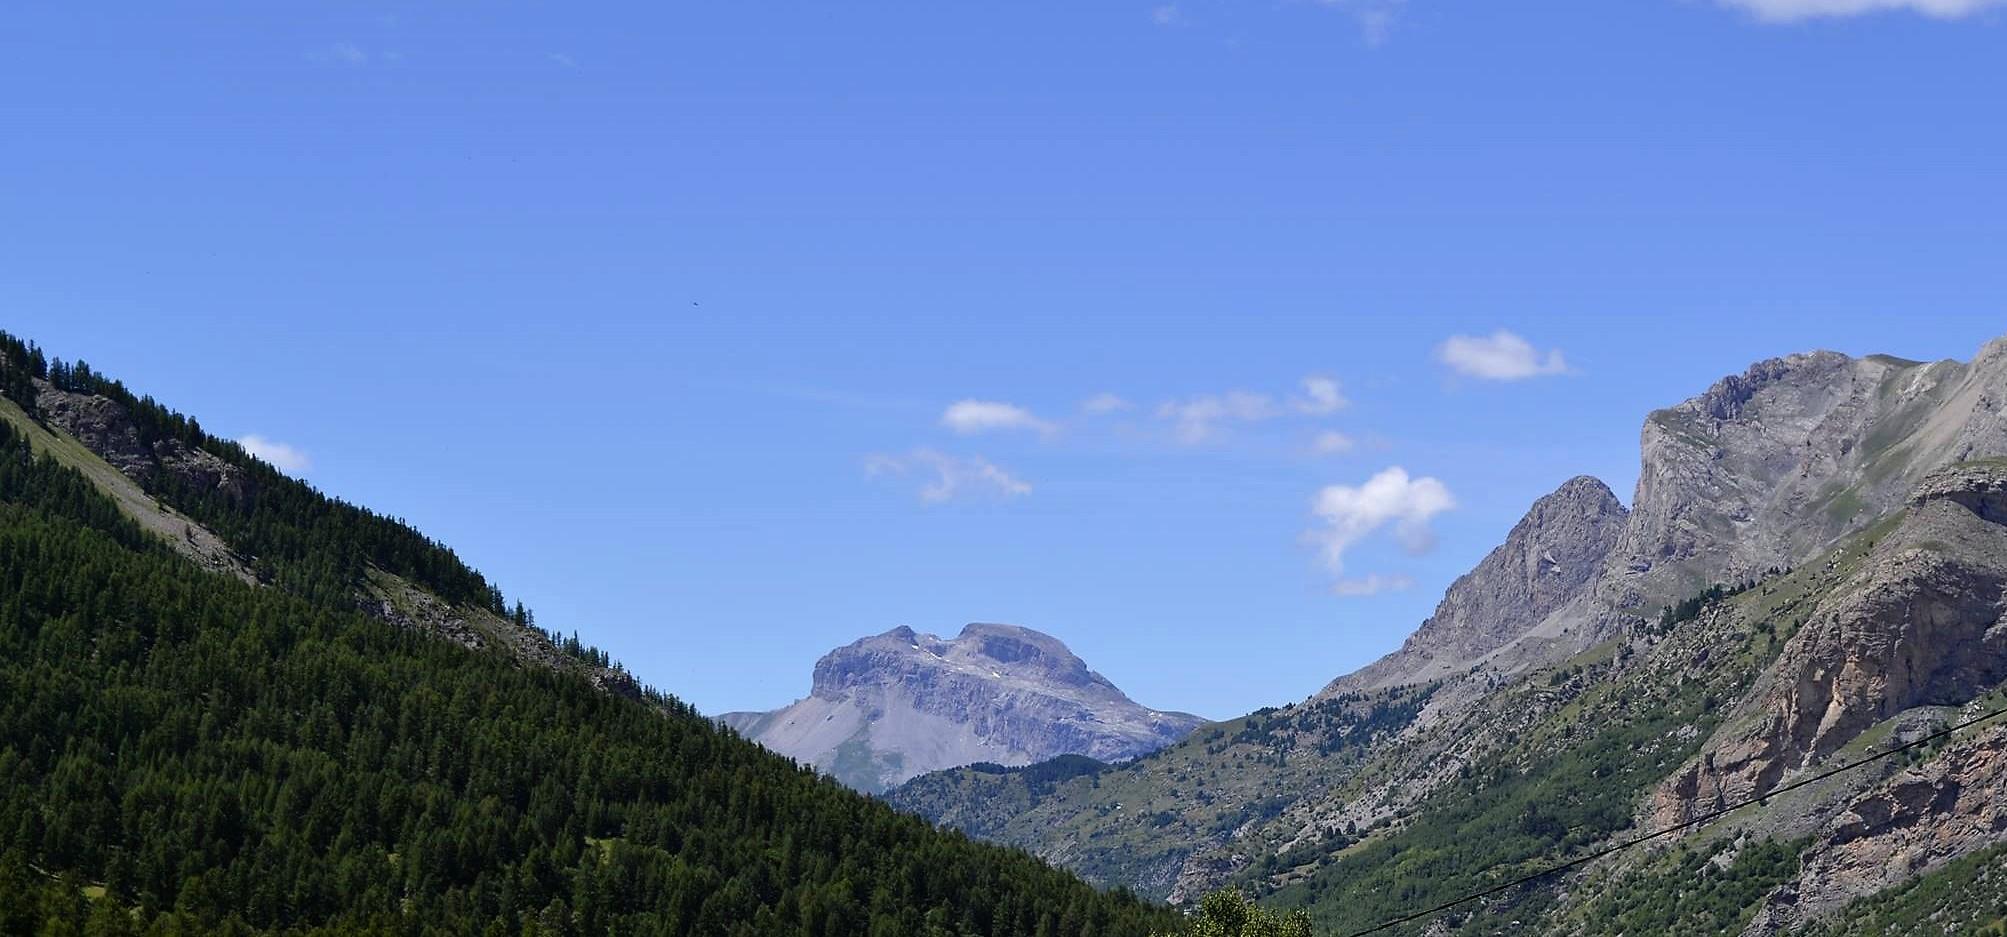 Un guide de montagne vous emmener dans la vallée des Merveilles, un espace préservé.